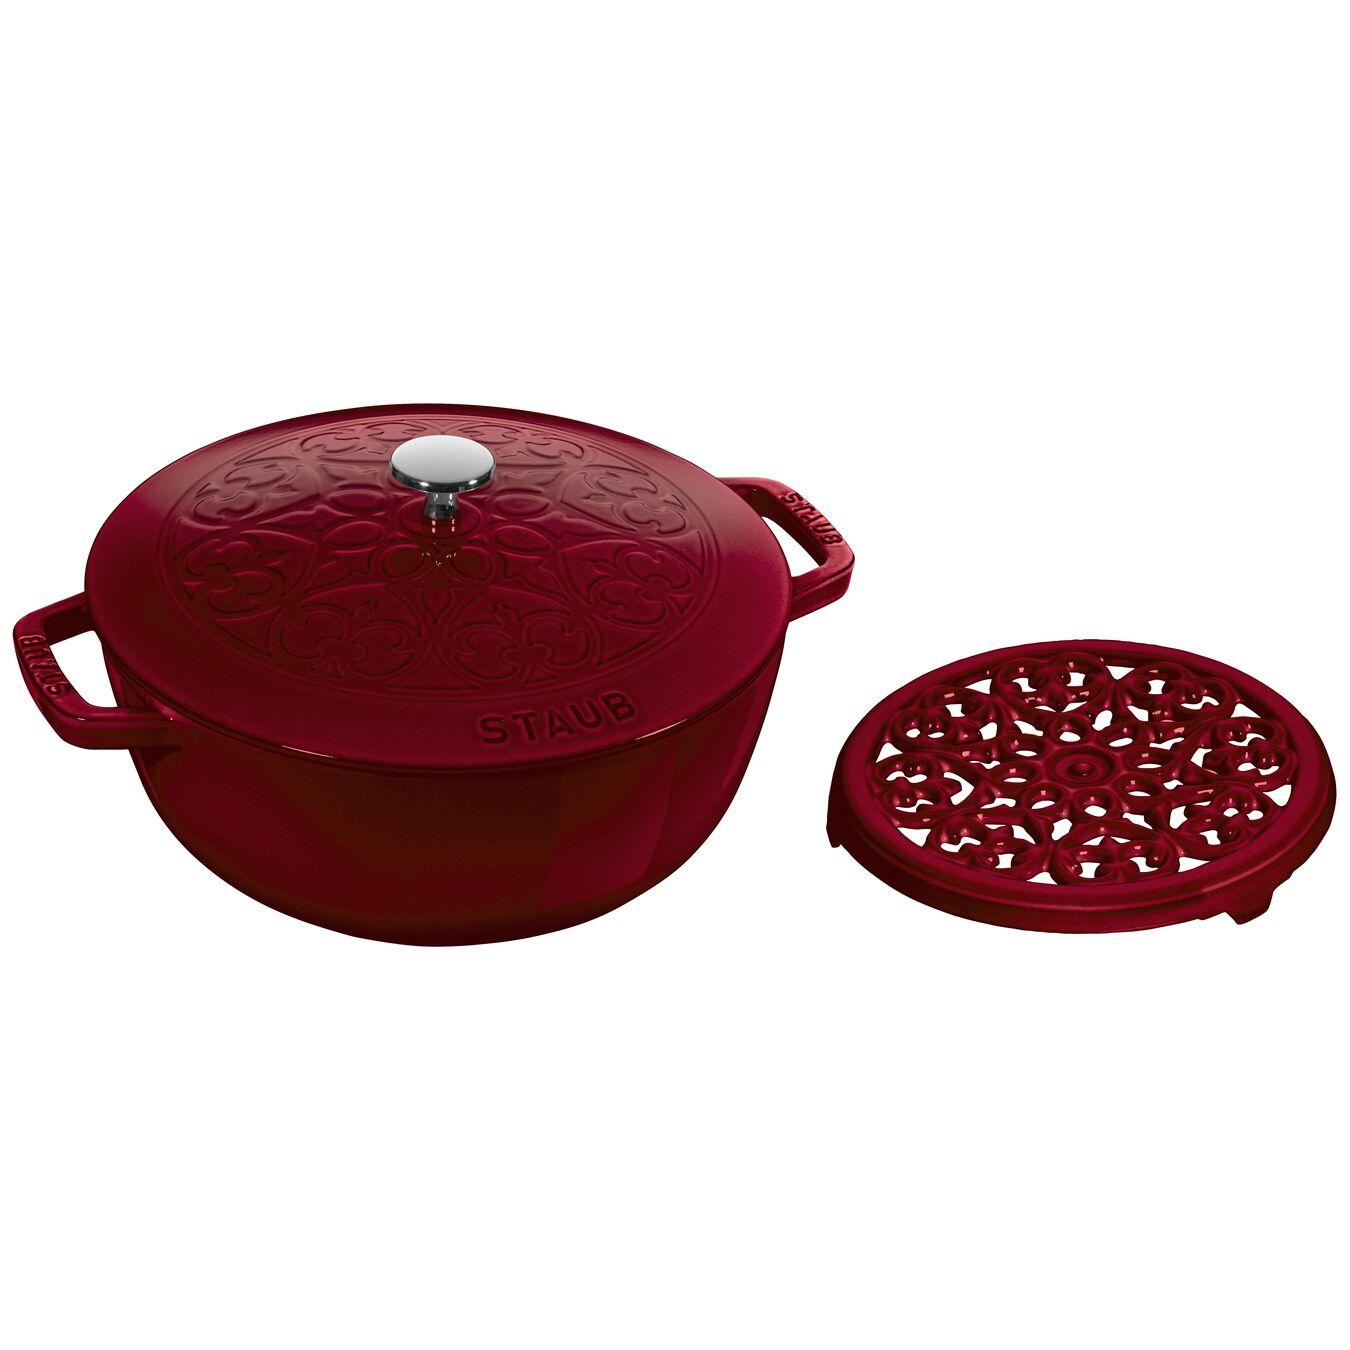 Pot set, lily decal, 2 Piece | round | cast iron | Bordeaux,,large 1